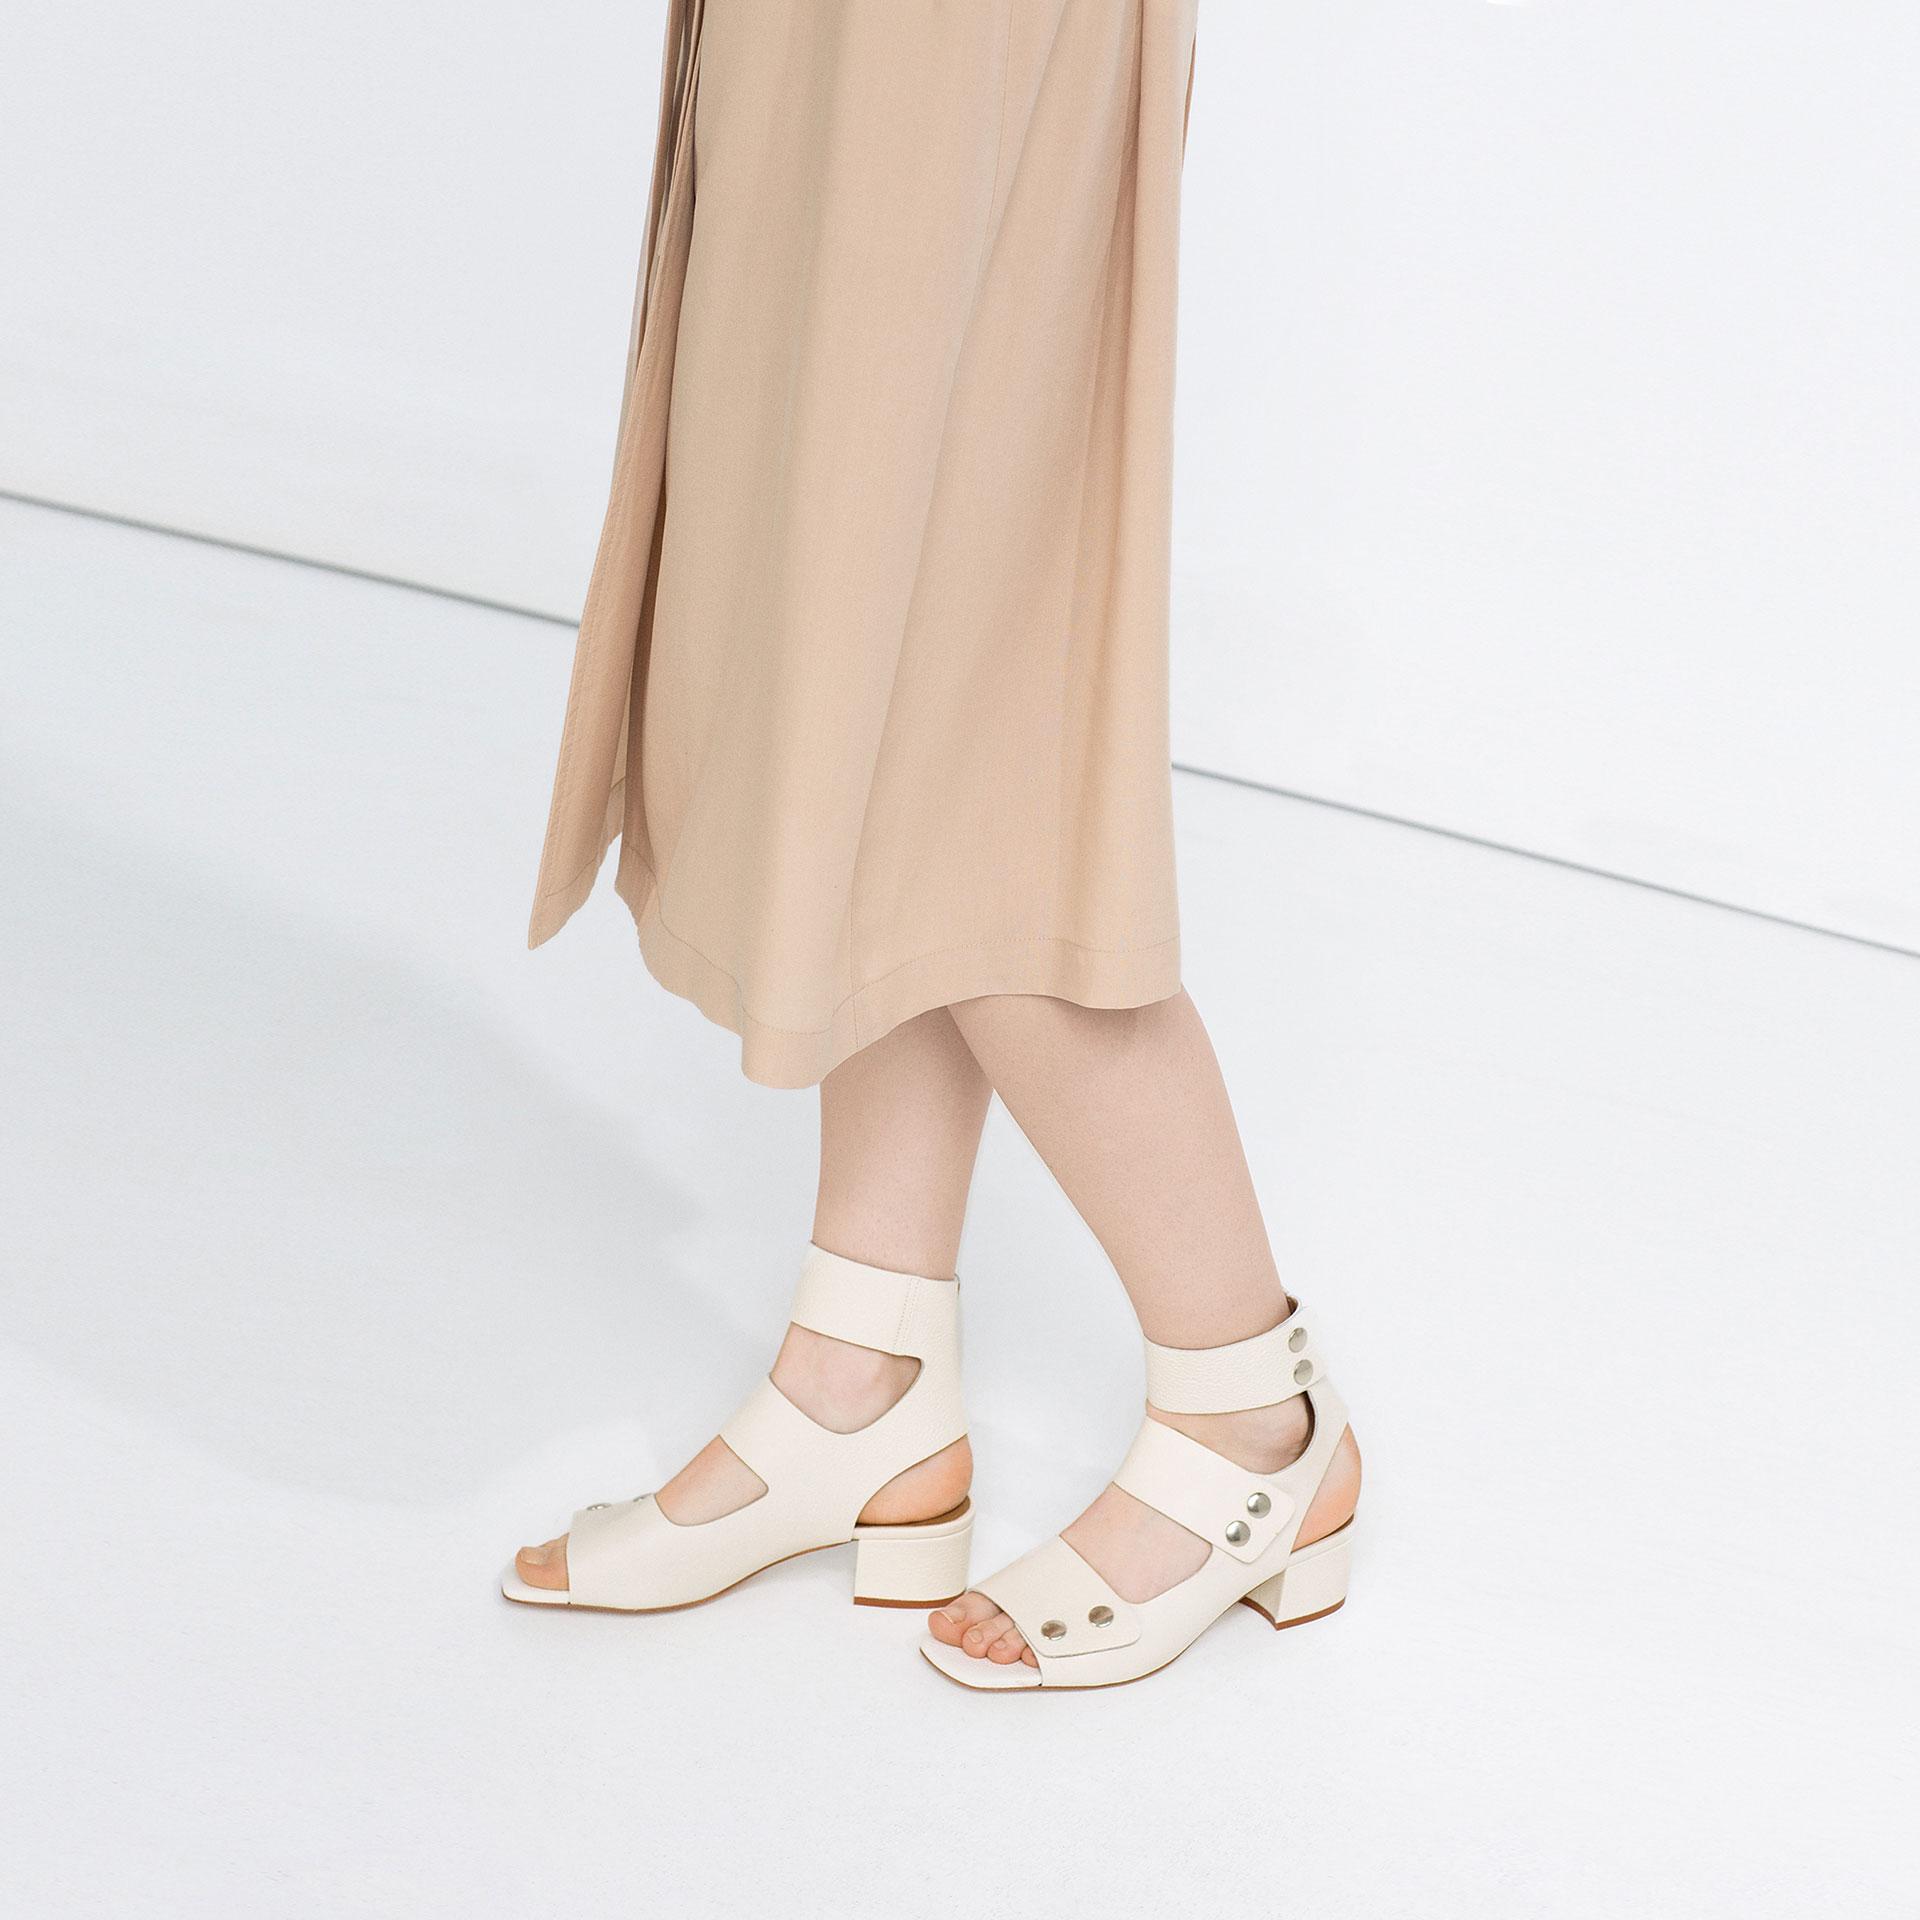 Tarz ayakkabı zara 9